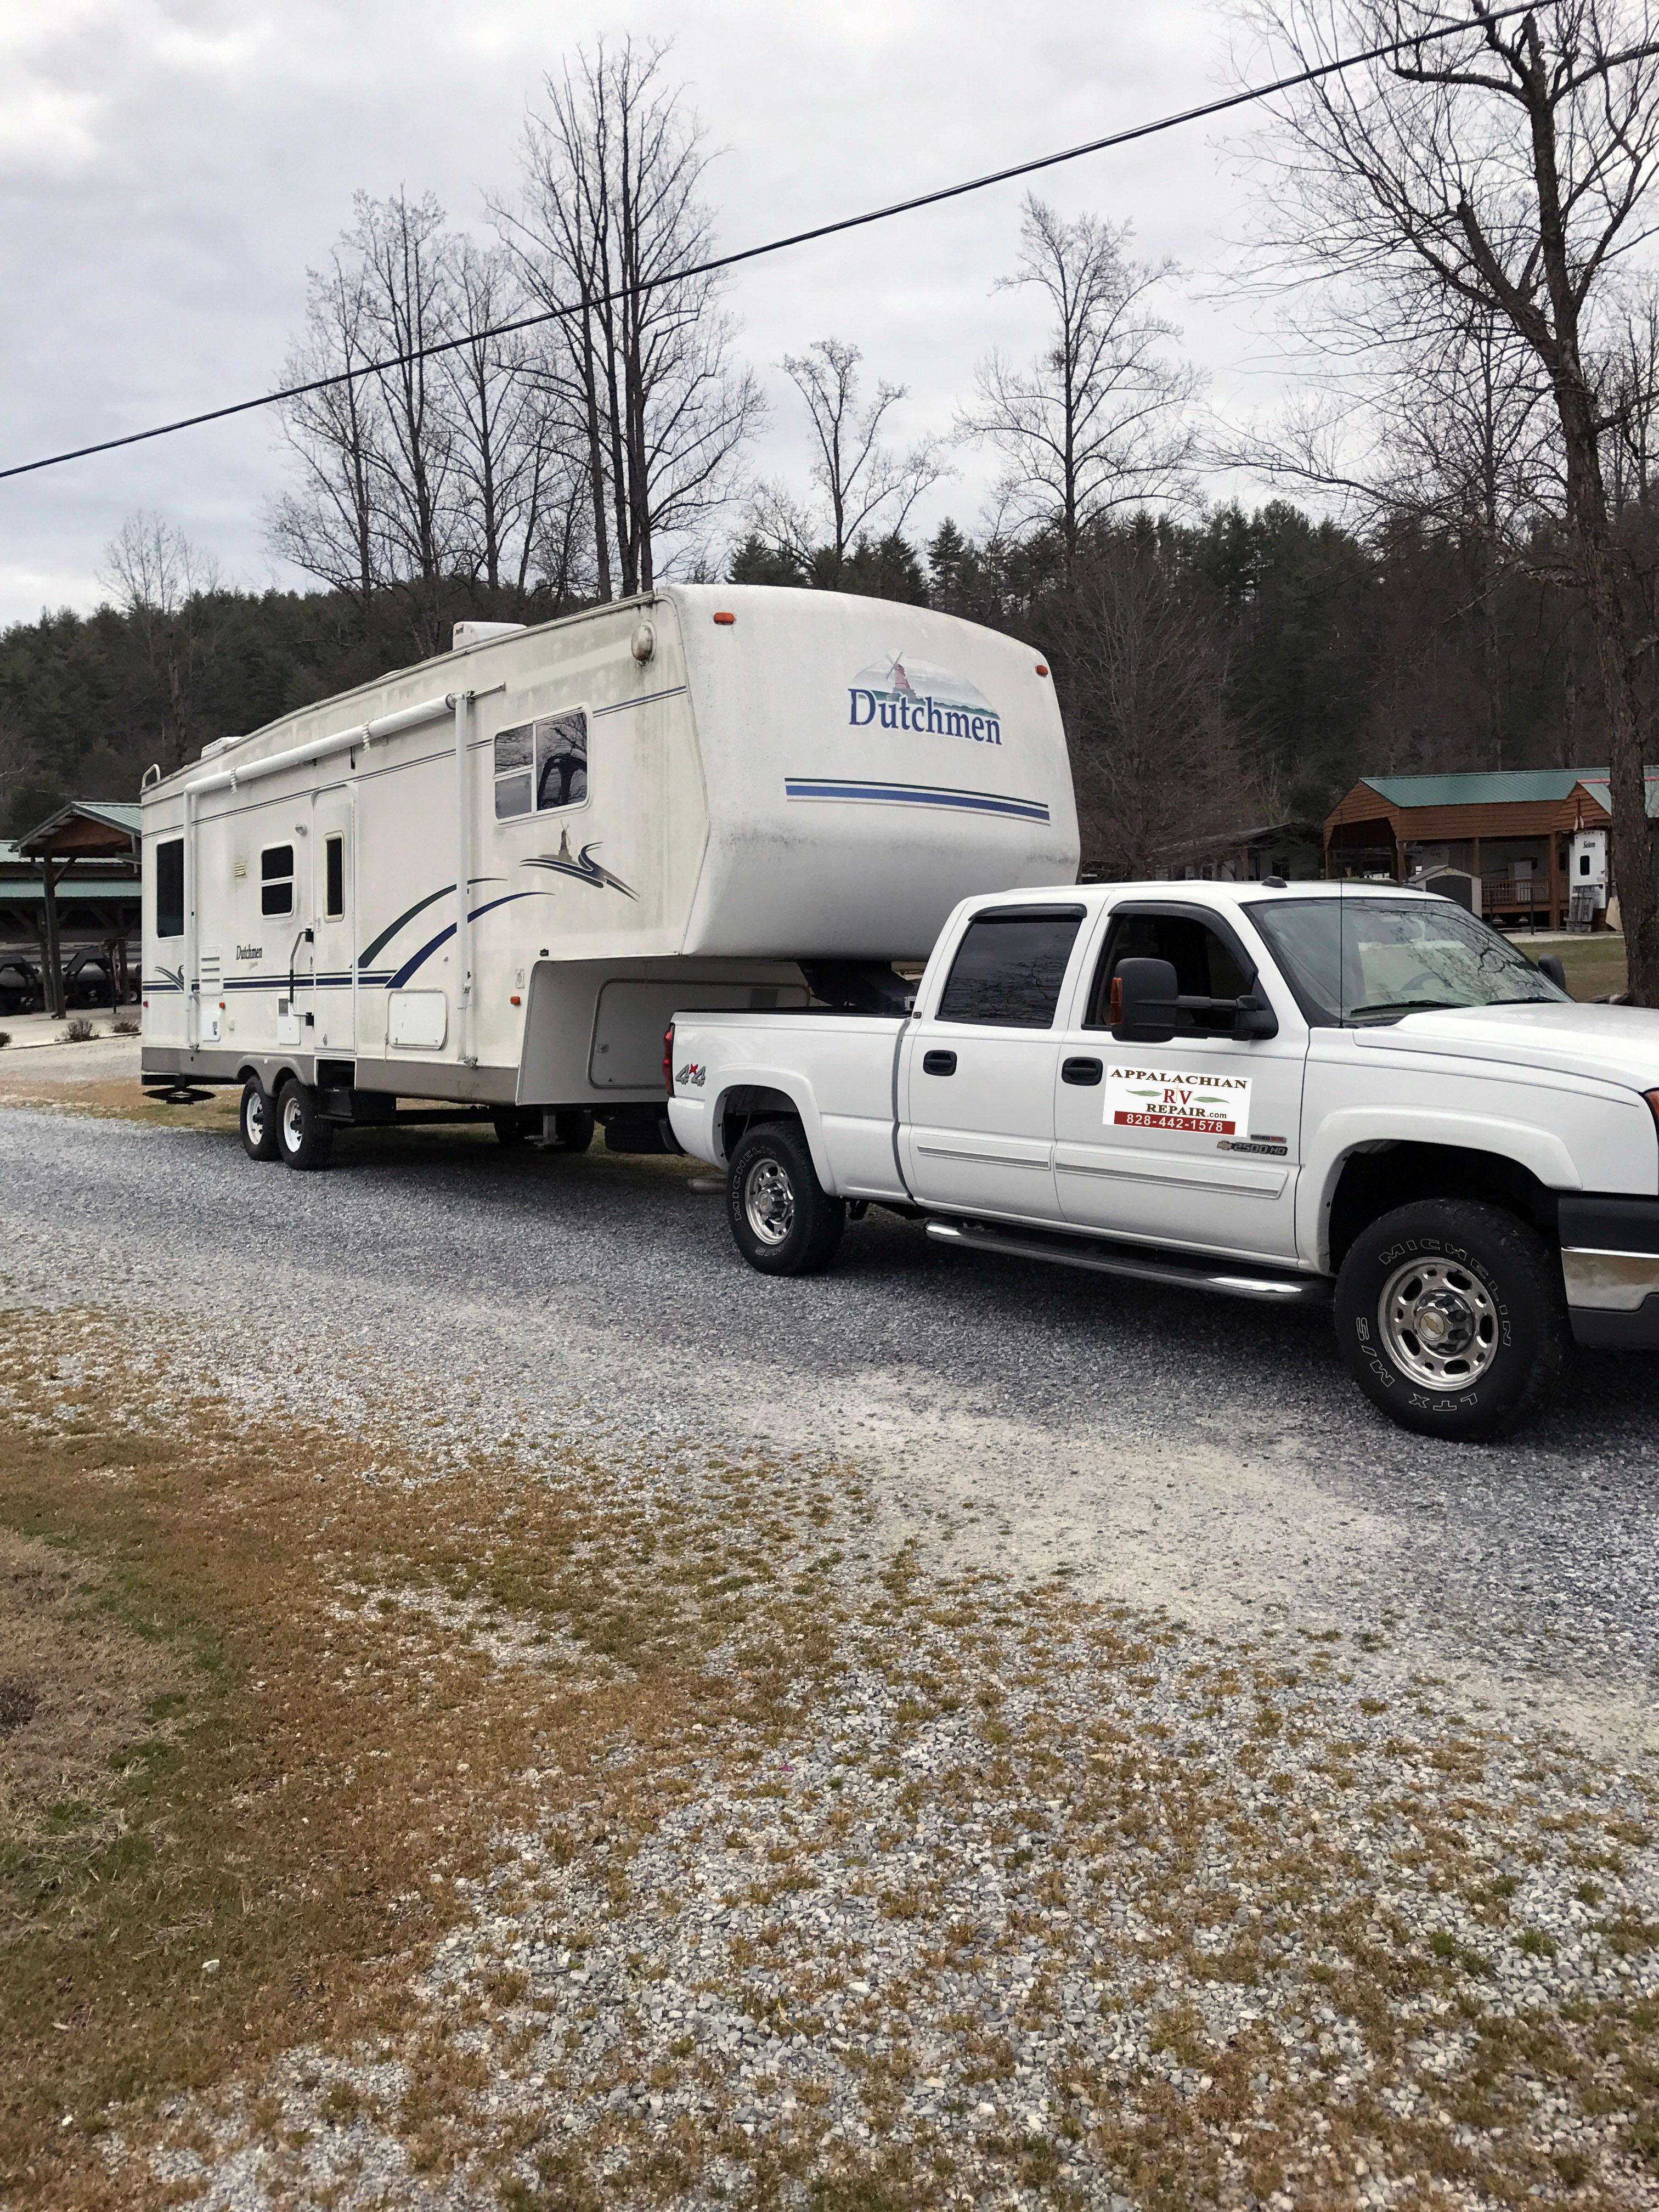 Appalachian RV Repair image 1